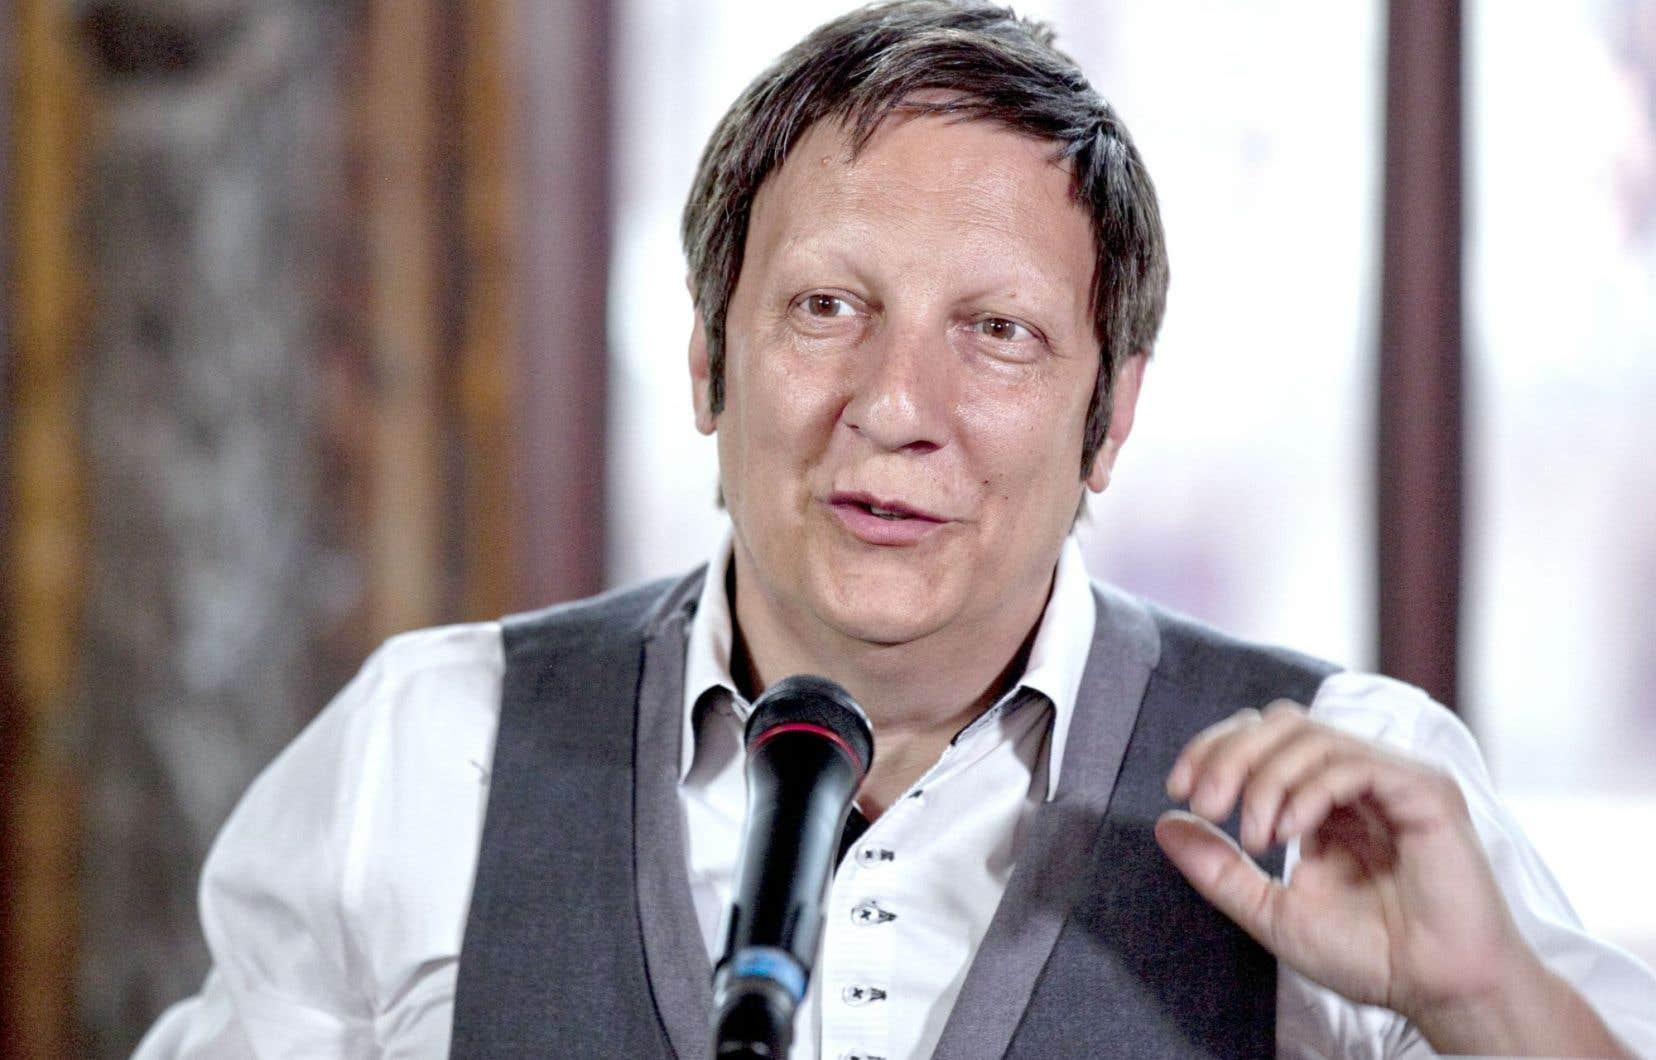 Robert Lepage lors d'une conférence de presse en juin 2012, dans les locaux qui abriteront le théâtre Le Diamant, à Québec.